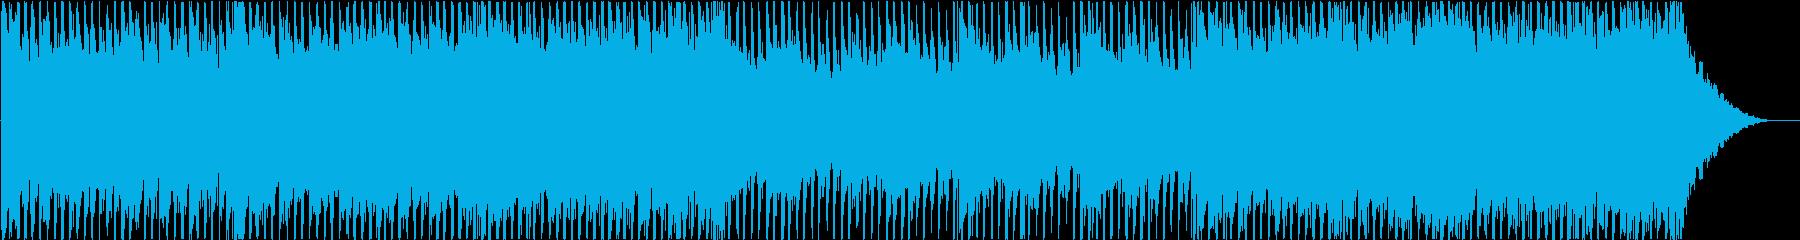 ポップ、ロック、コーポレートの再生済みの波形